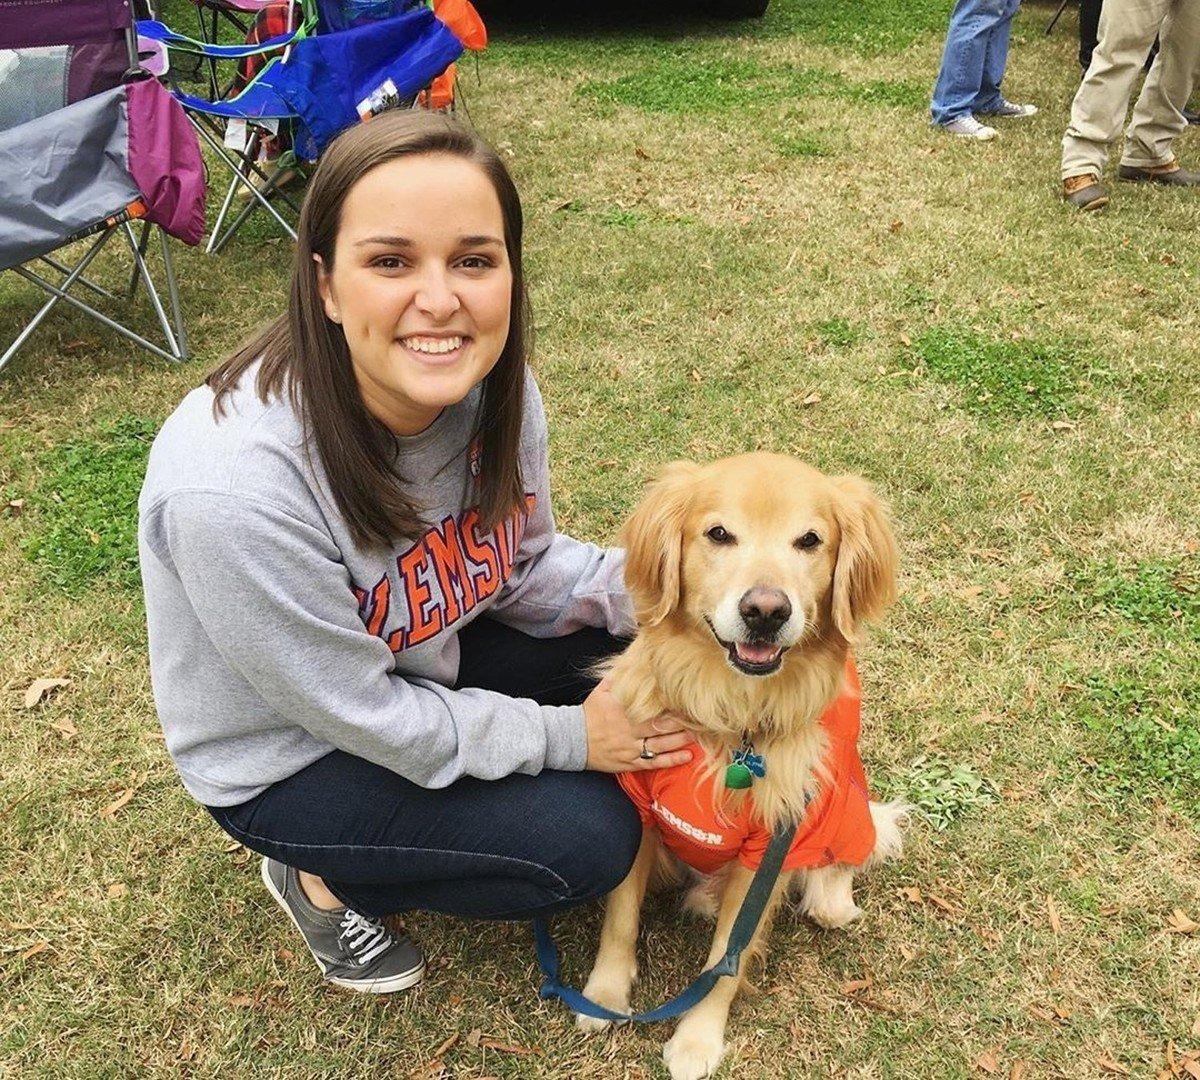 La despedida de una mujer a su perro que recorrió las redes